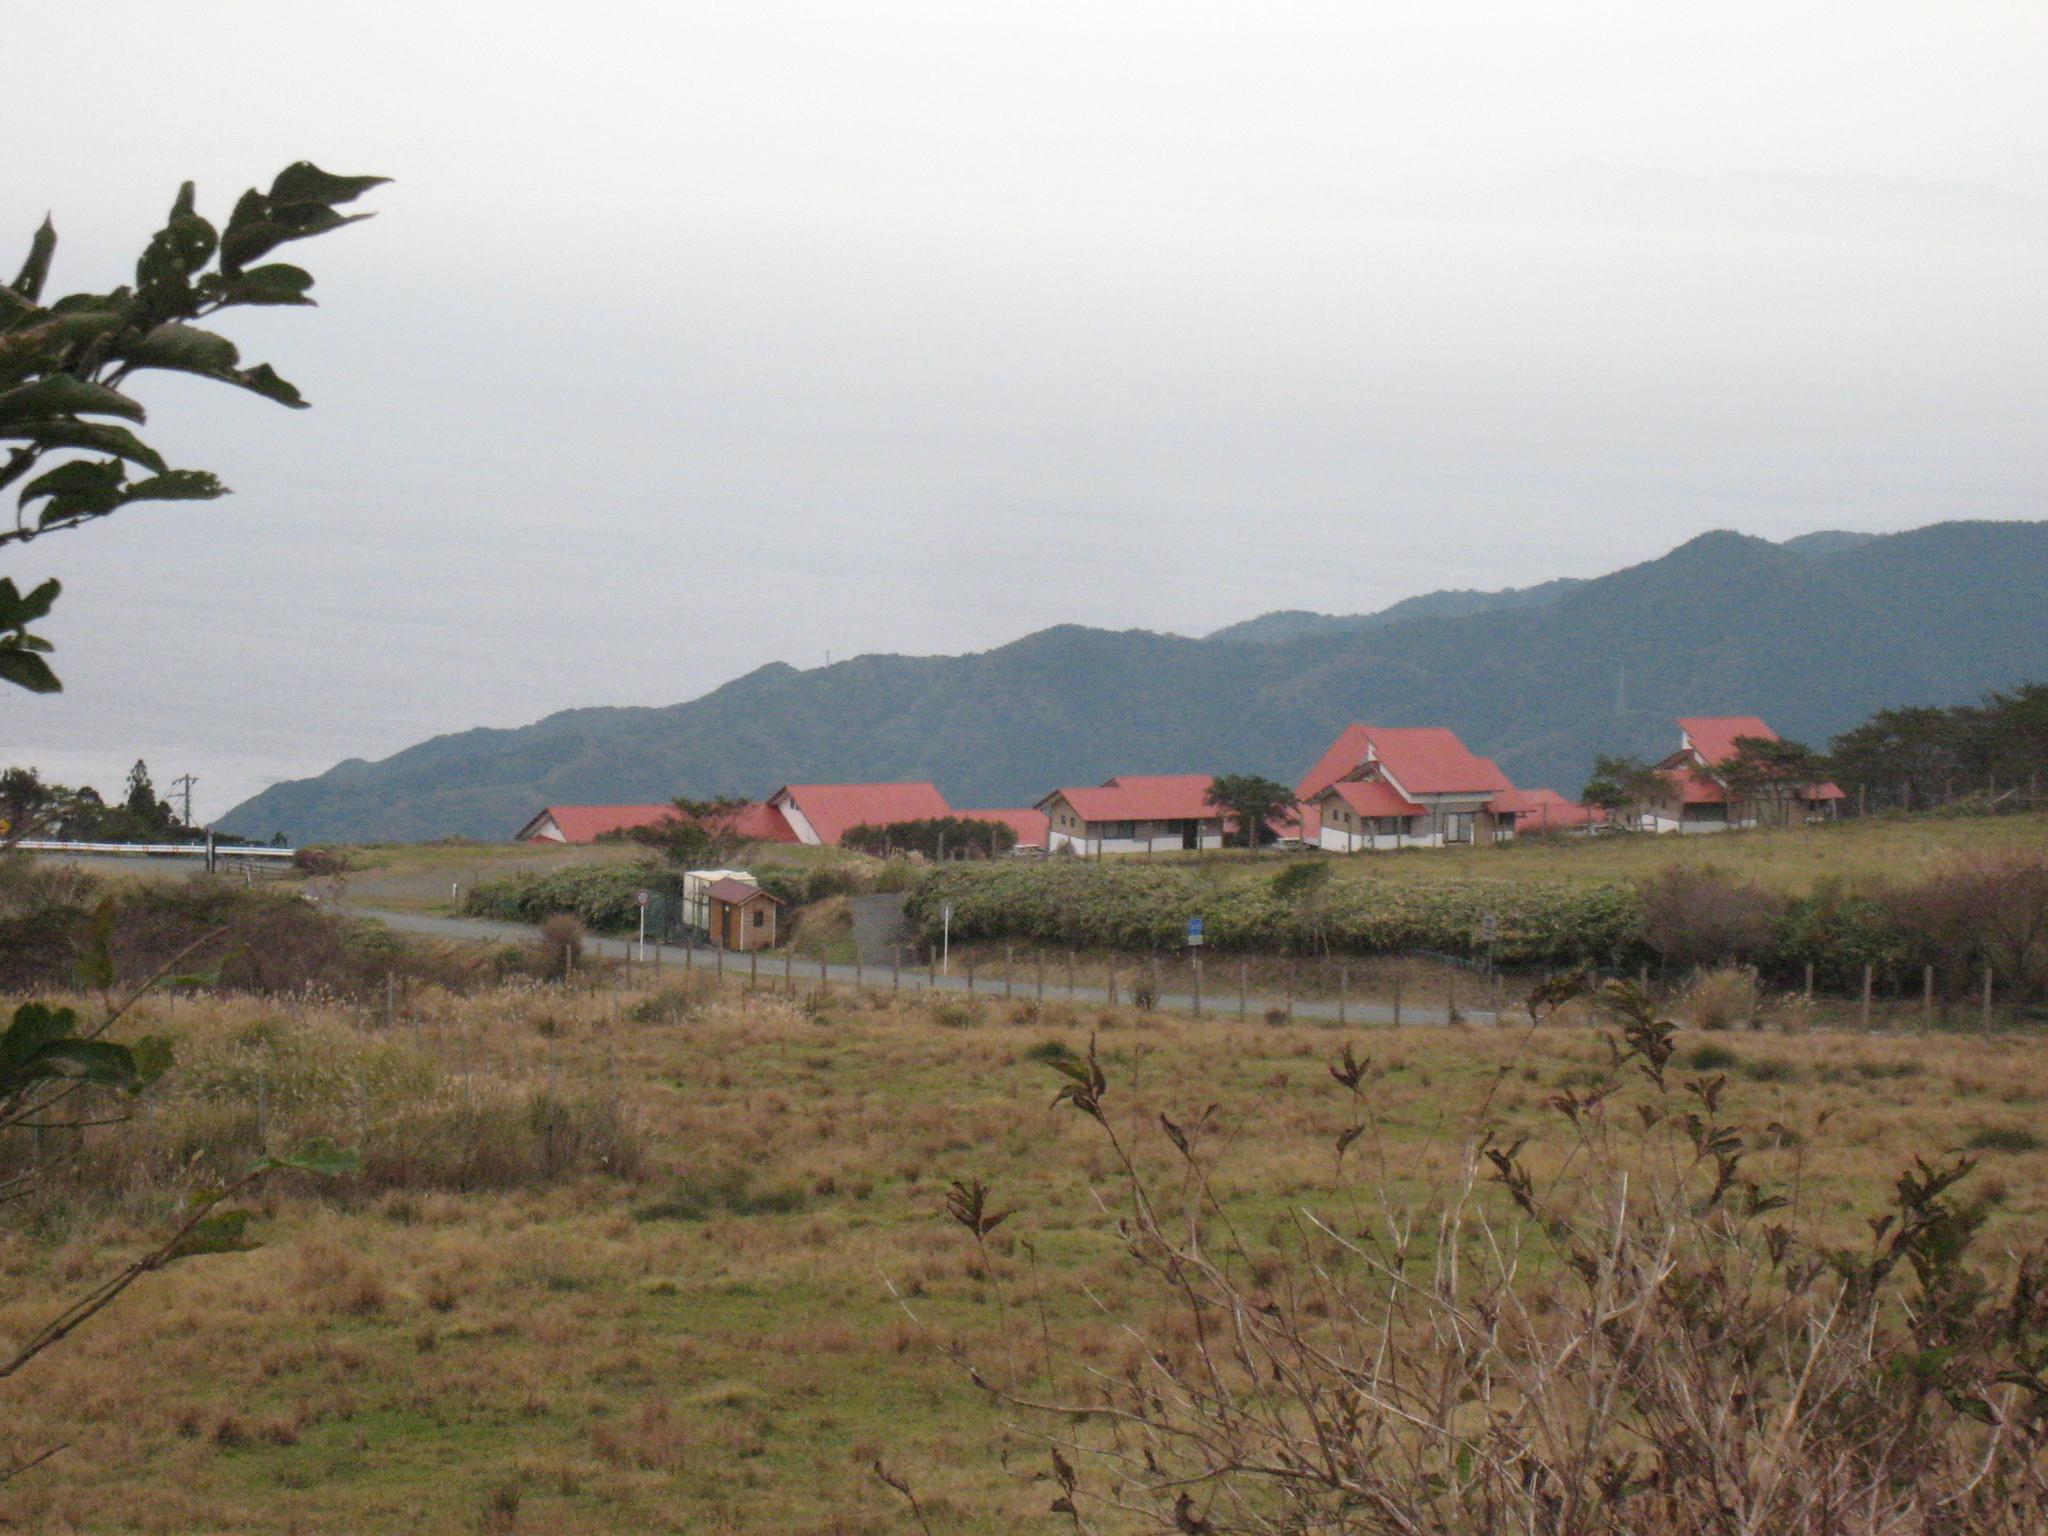 西天城高原牧場の赤い屋根。 春〜夏には放牧の牛やヤギがそこらじゅうに居ます